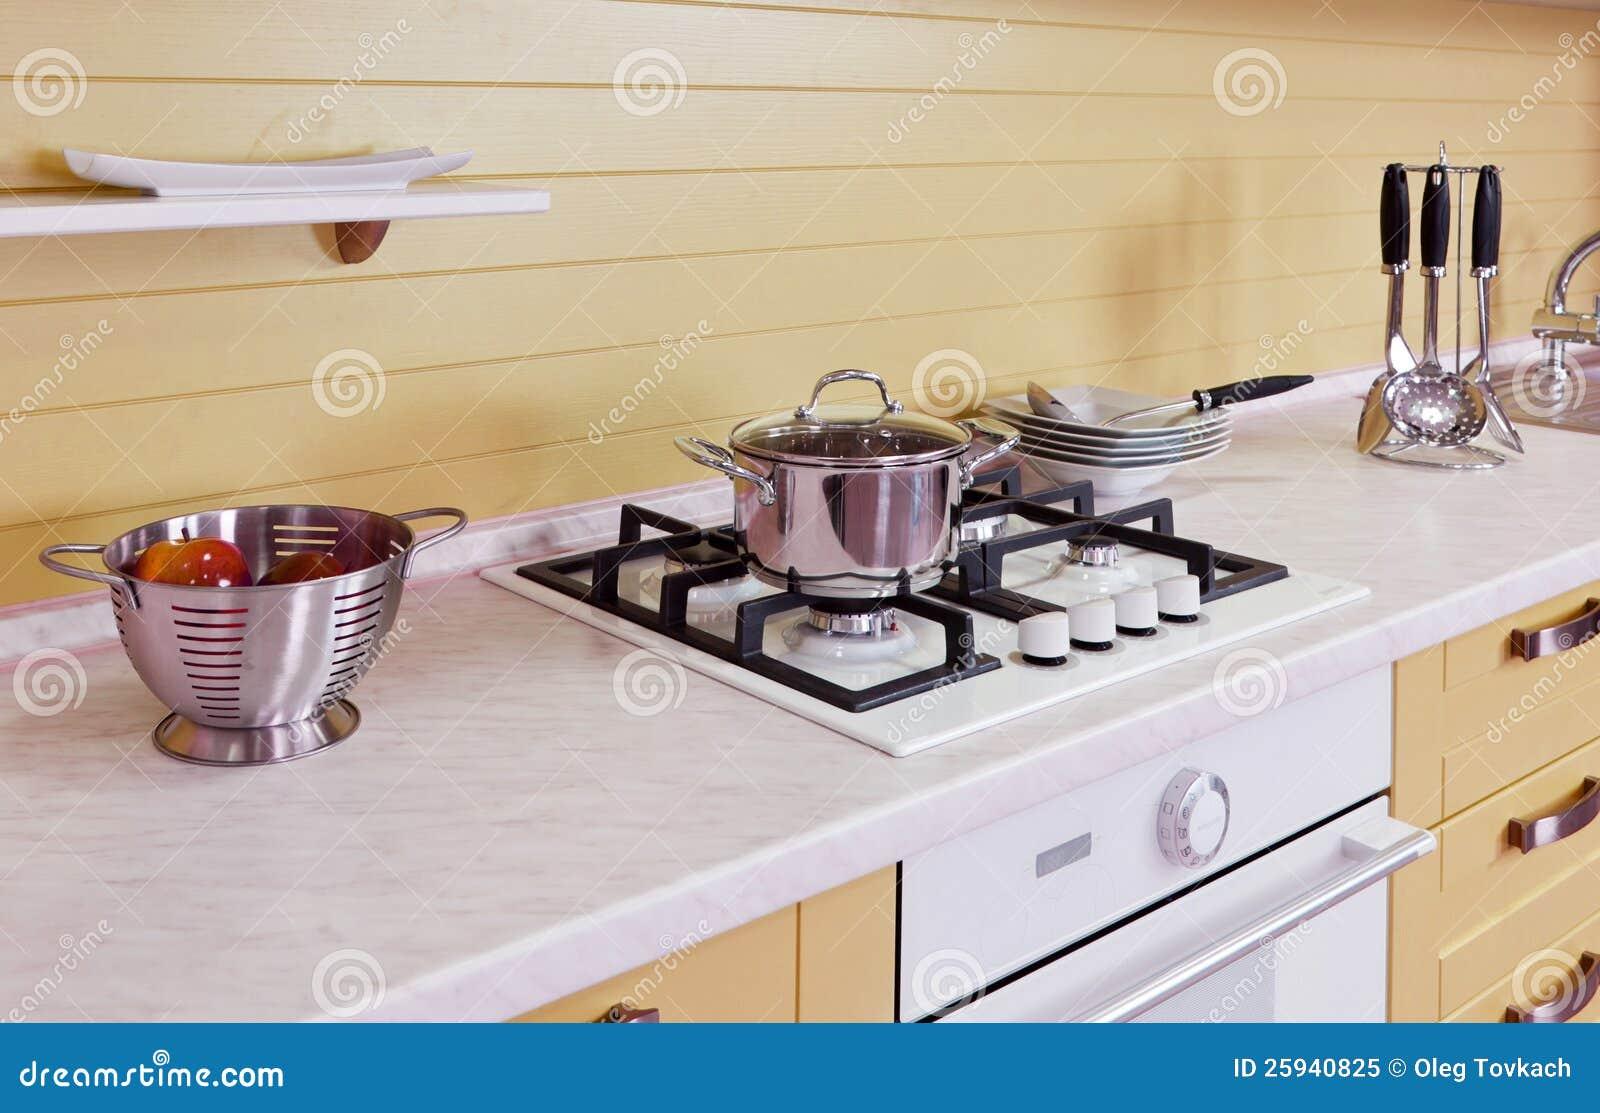 Geel wit keuken modern binnenland royalty vrije stock foto ...